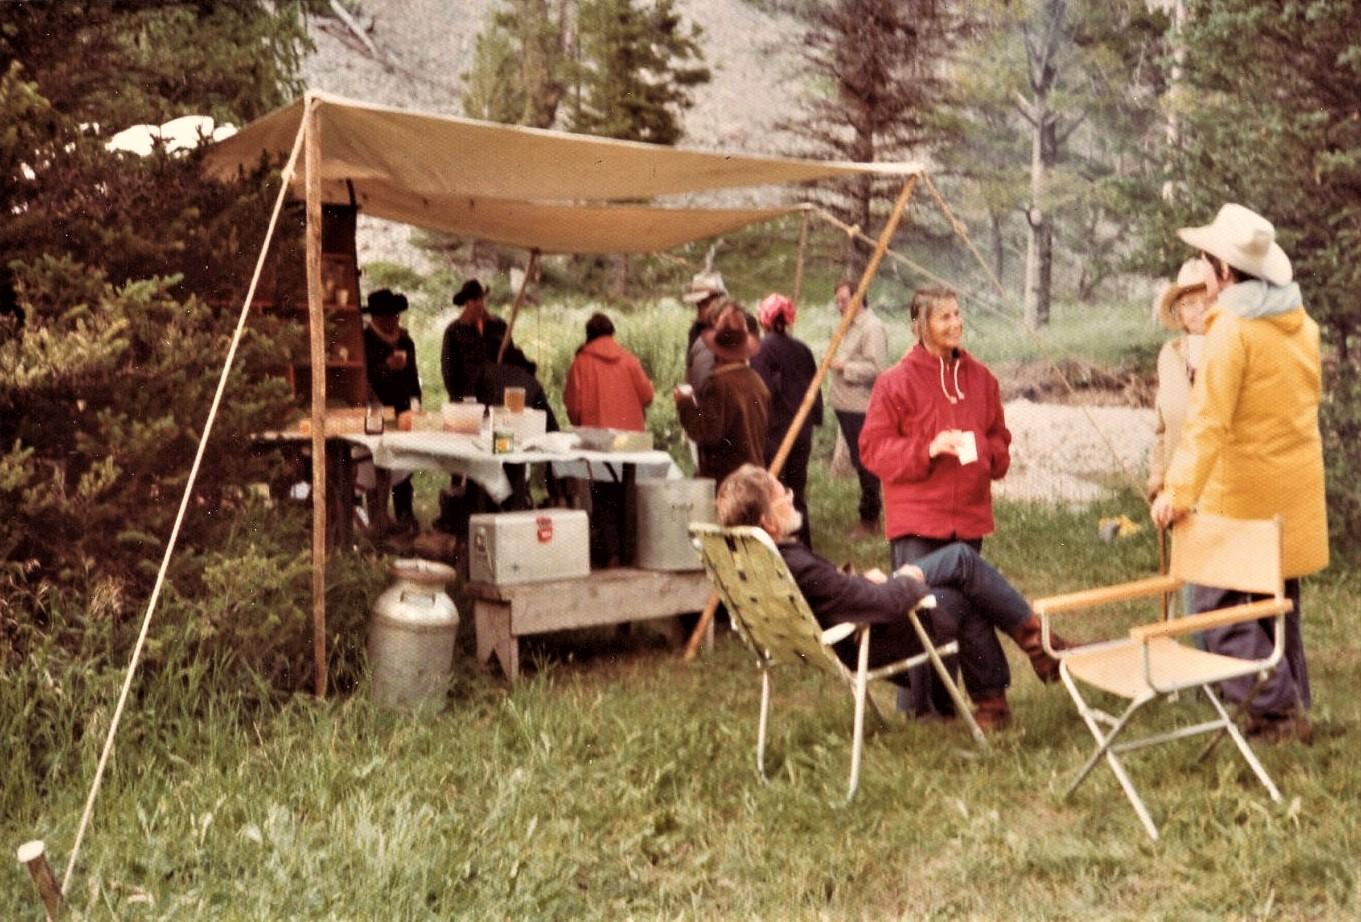 1968 Chuck Wagon Setup